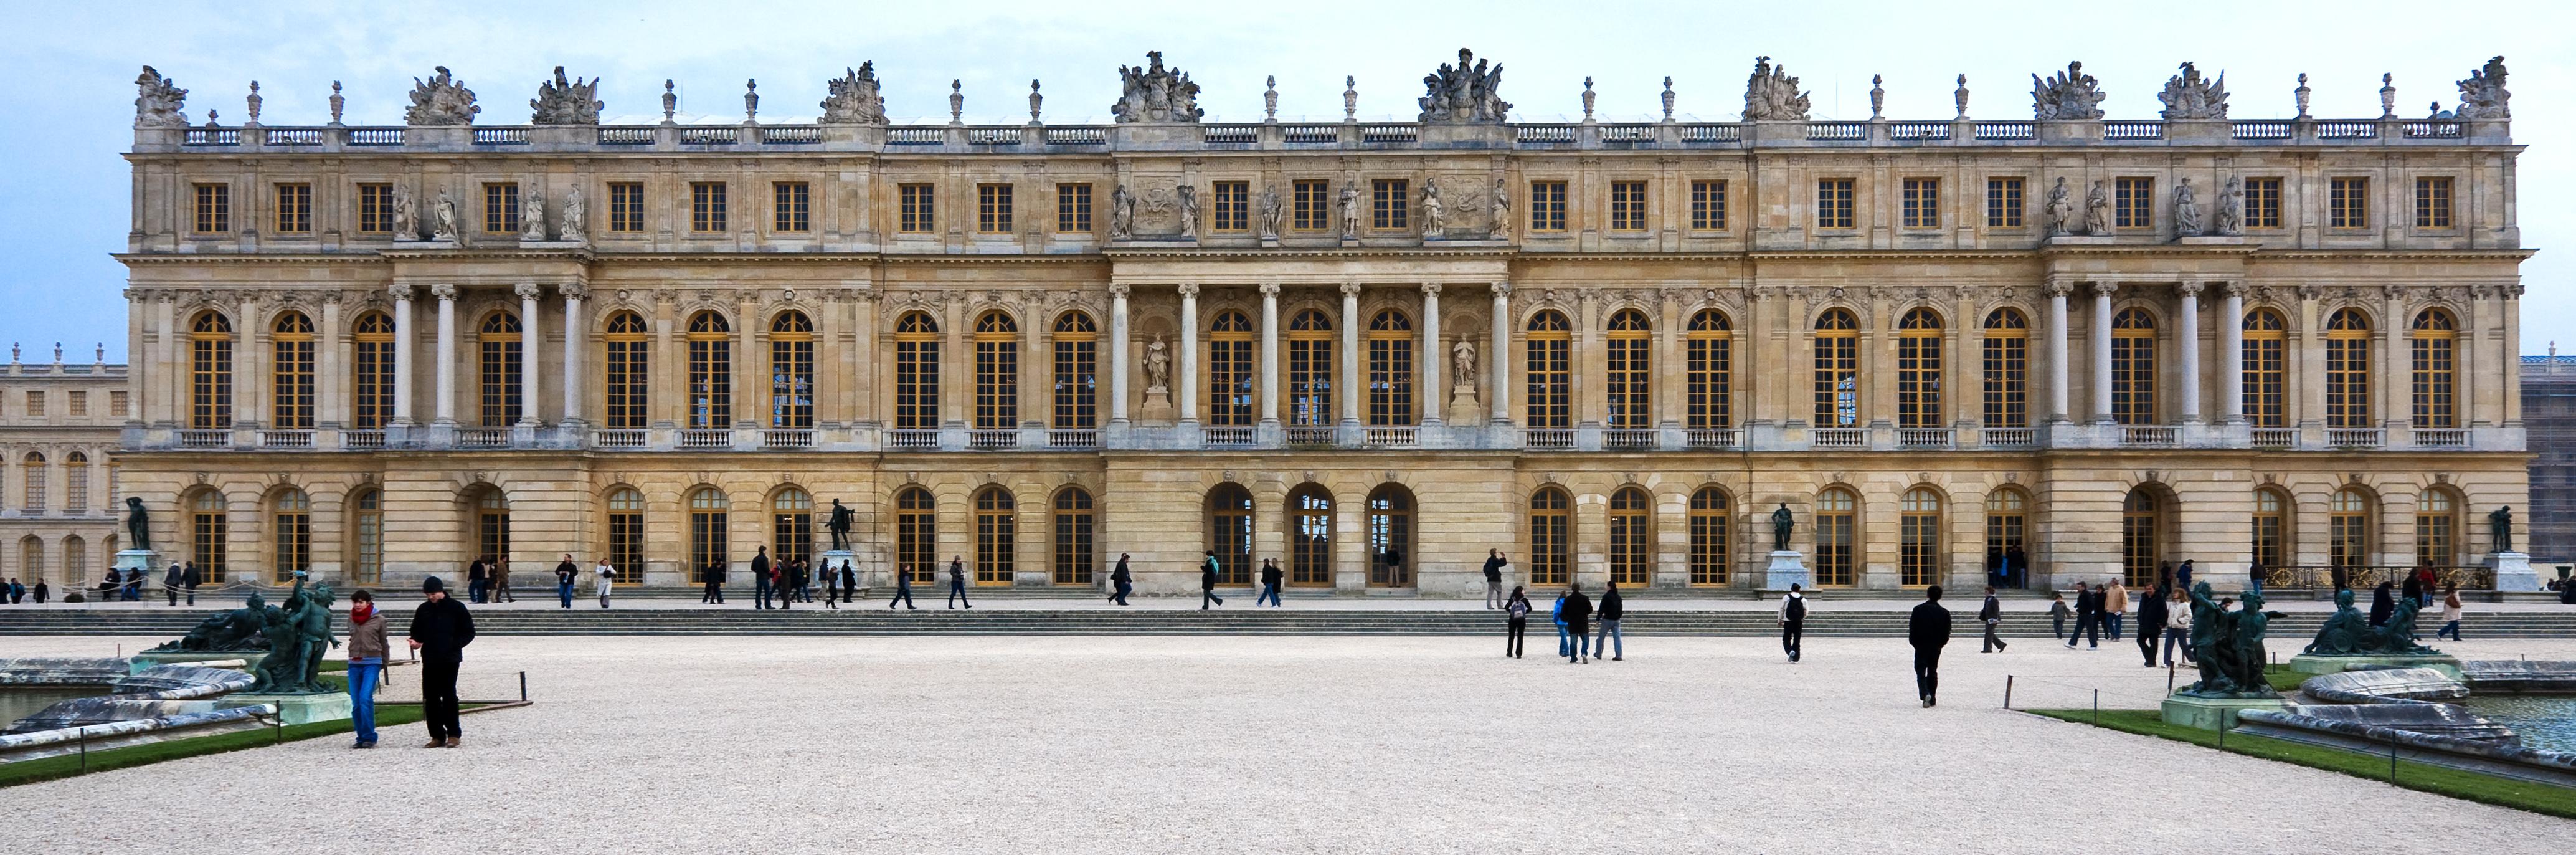 Chateau de versailles - Maison jardin versailles strasbourg ...